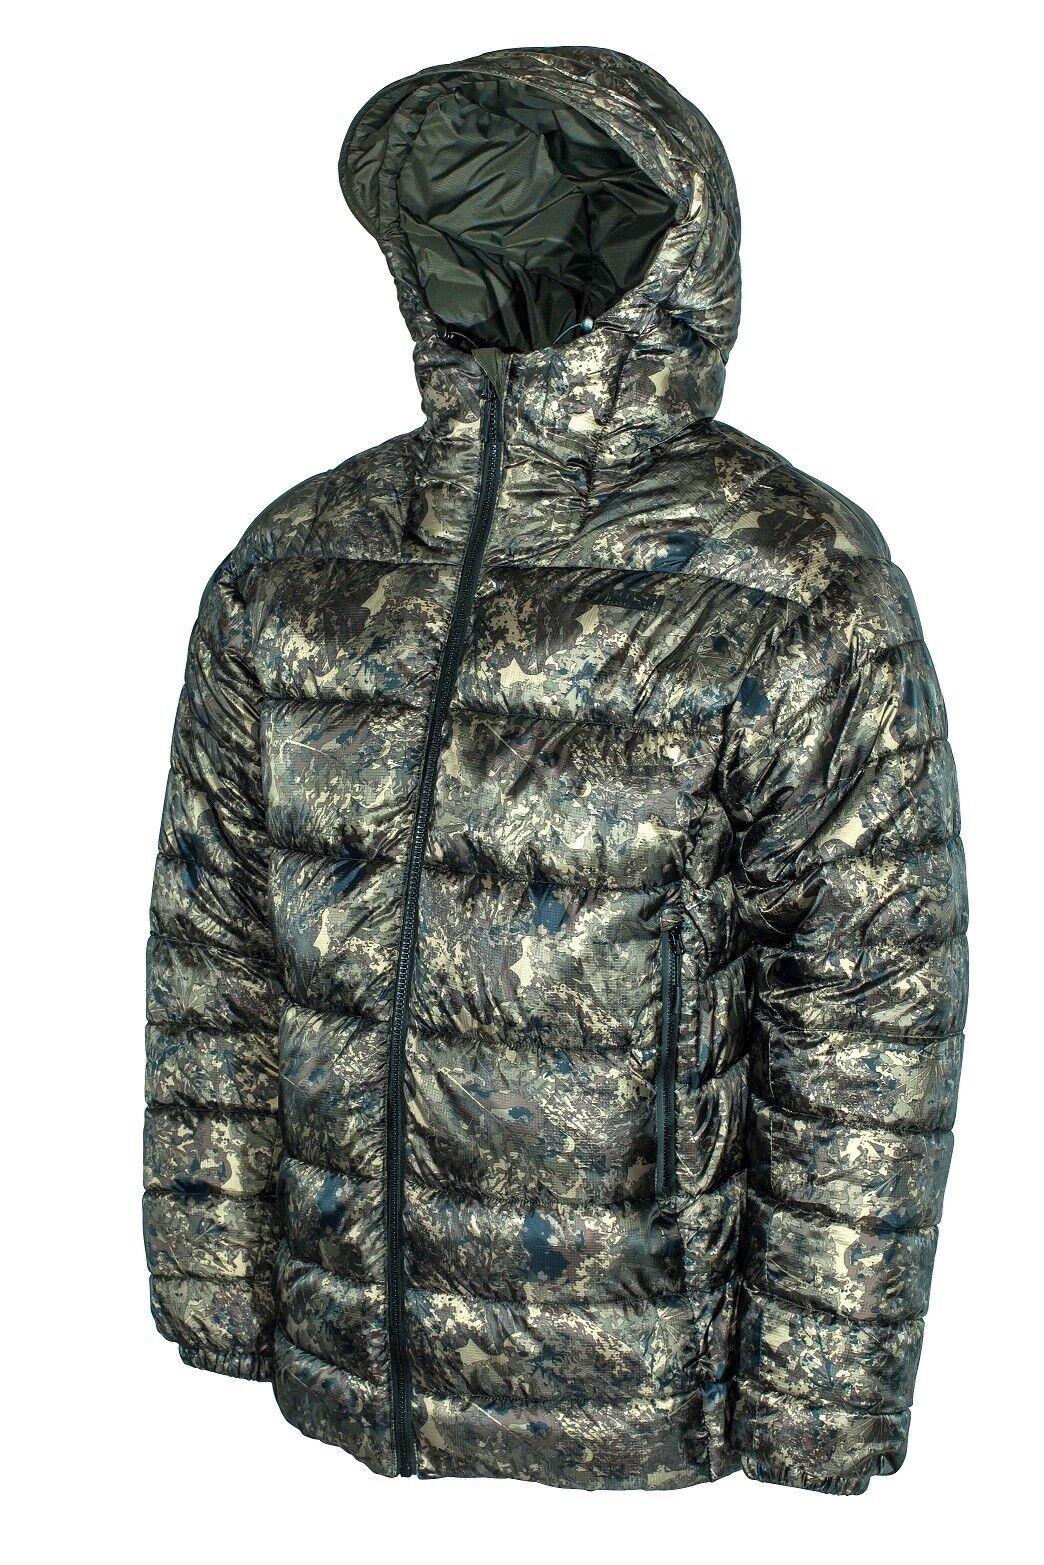 Nash ZT re-versos Hybrid Down Jacket chaqueta invierno chaqueta chaqueta de inflexión